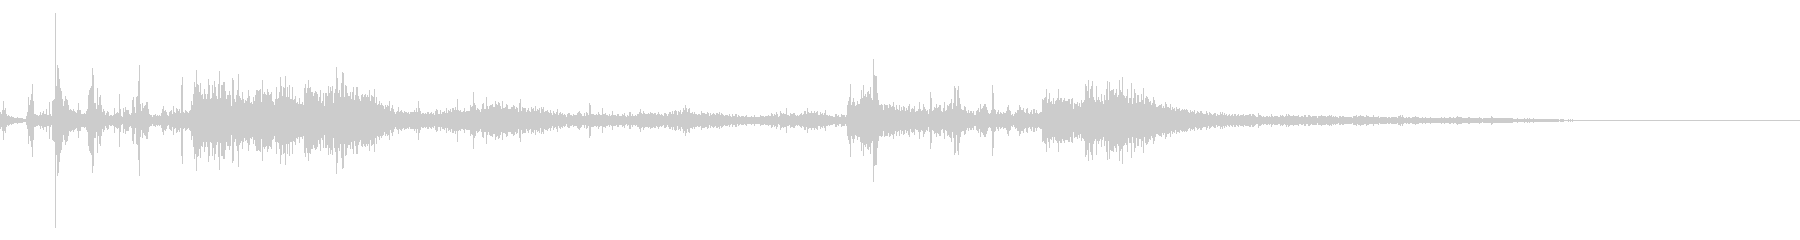 カミナリ(遠雷)-30の未再生の波形